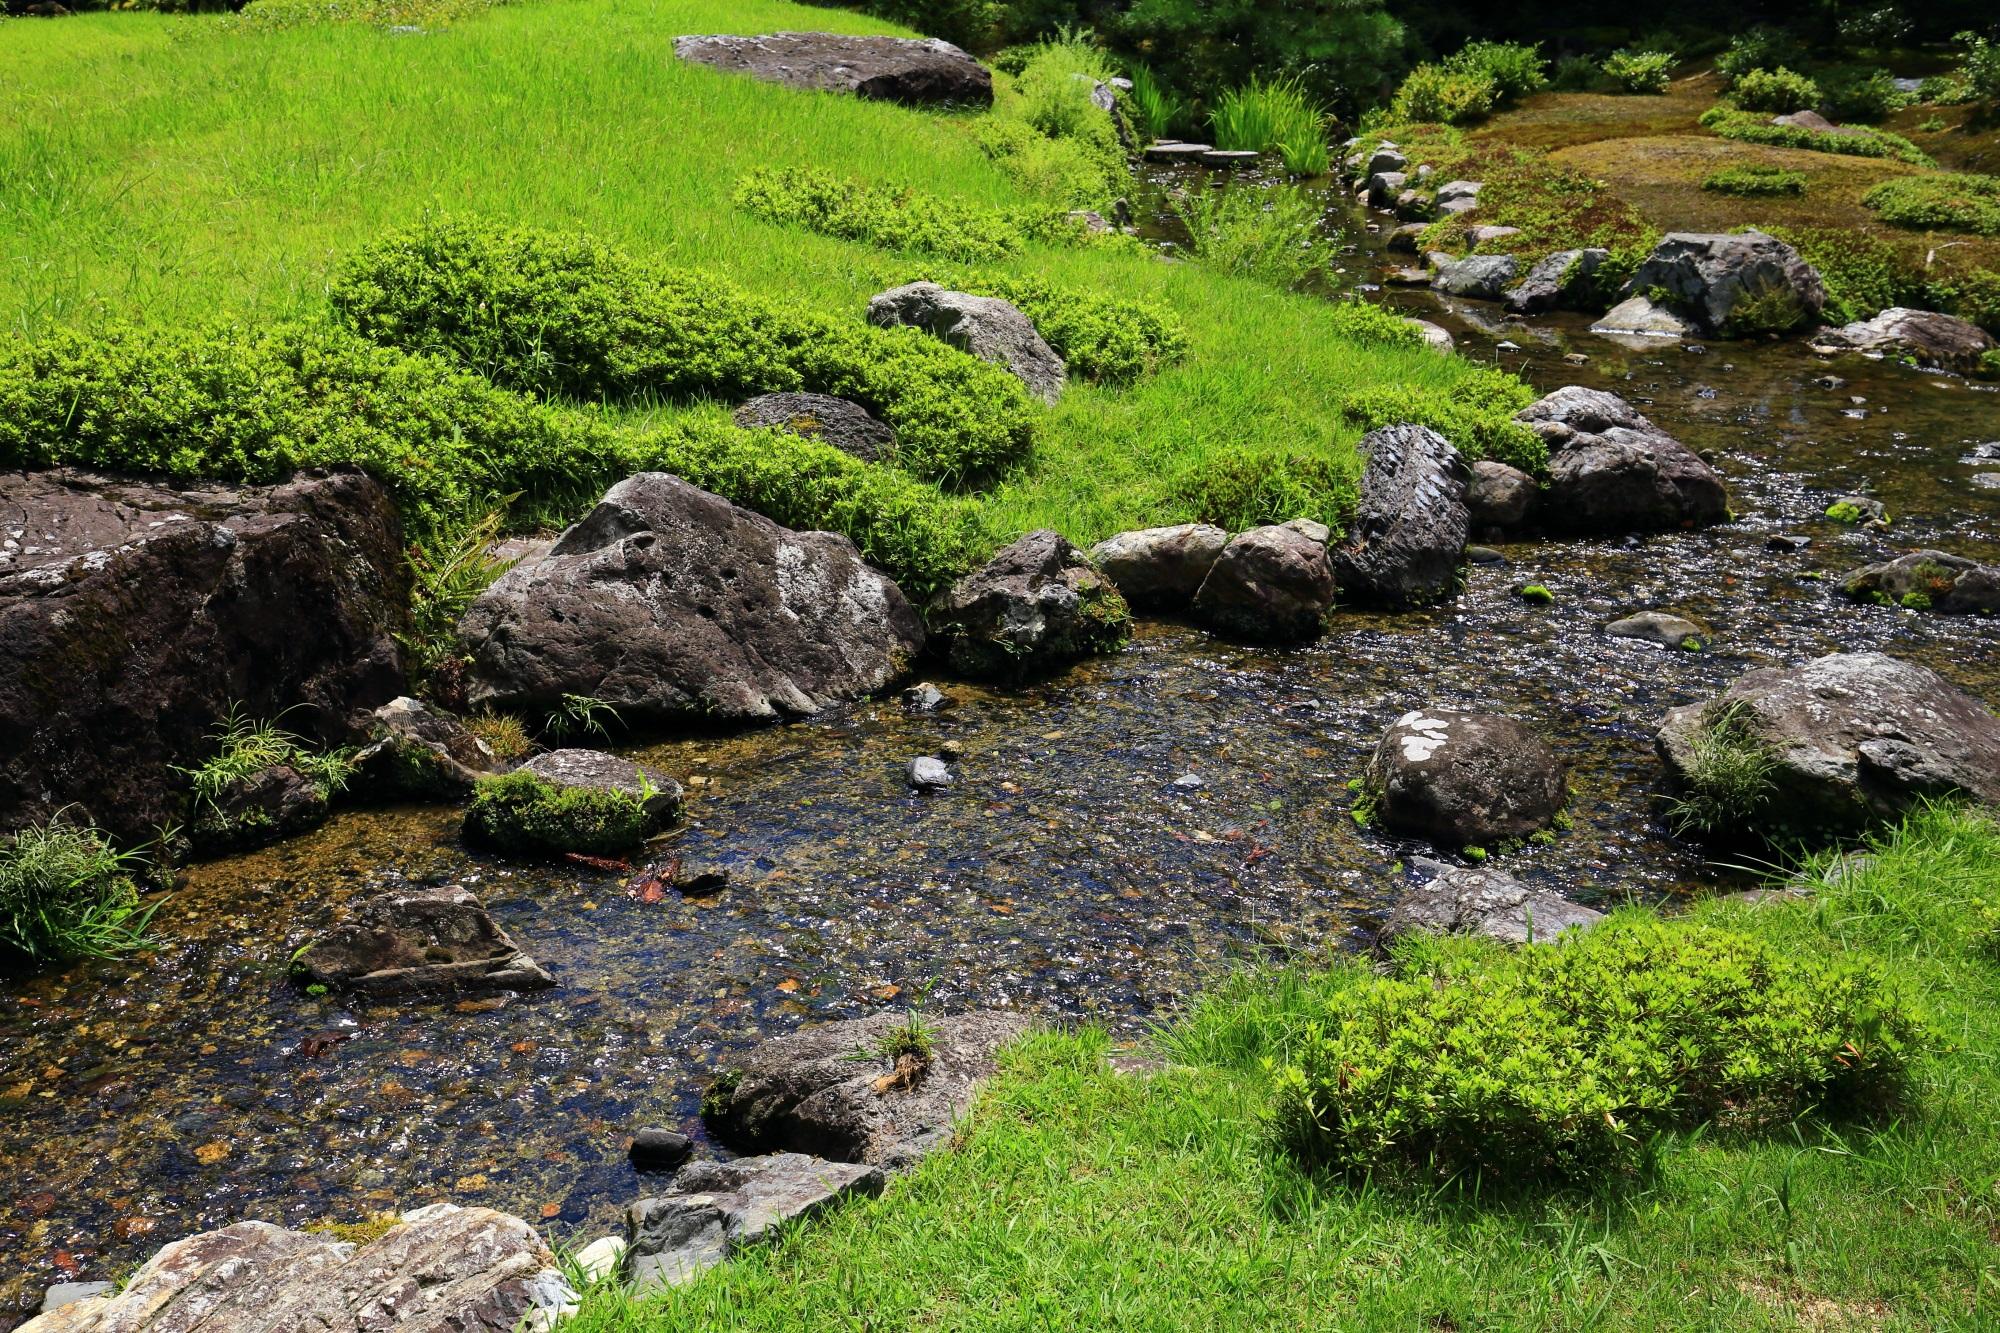 無鄰菴(むりんあん)の綺麗な池泉回遊式庭園